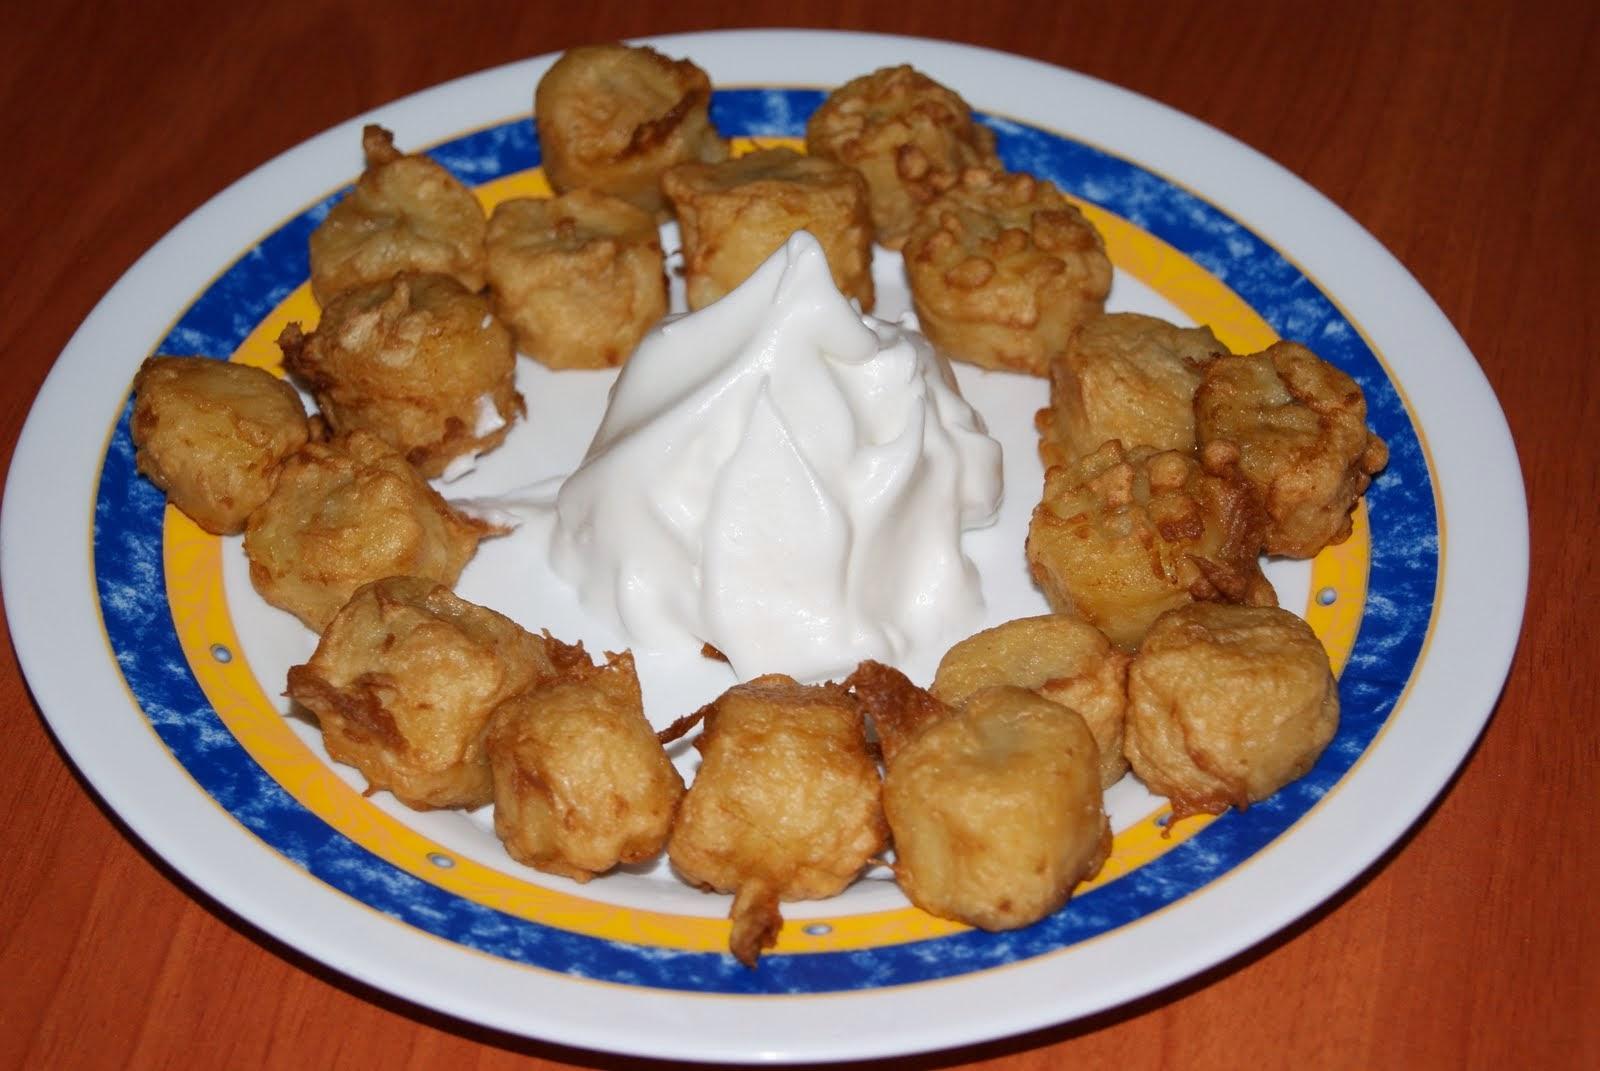 Bocaditos de plátano en tempura